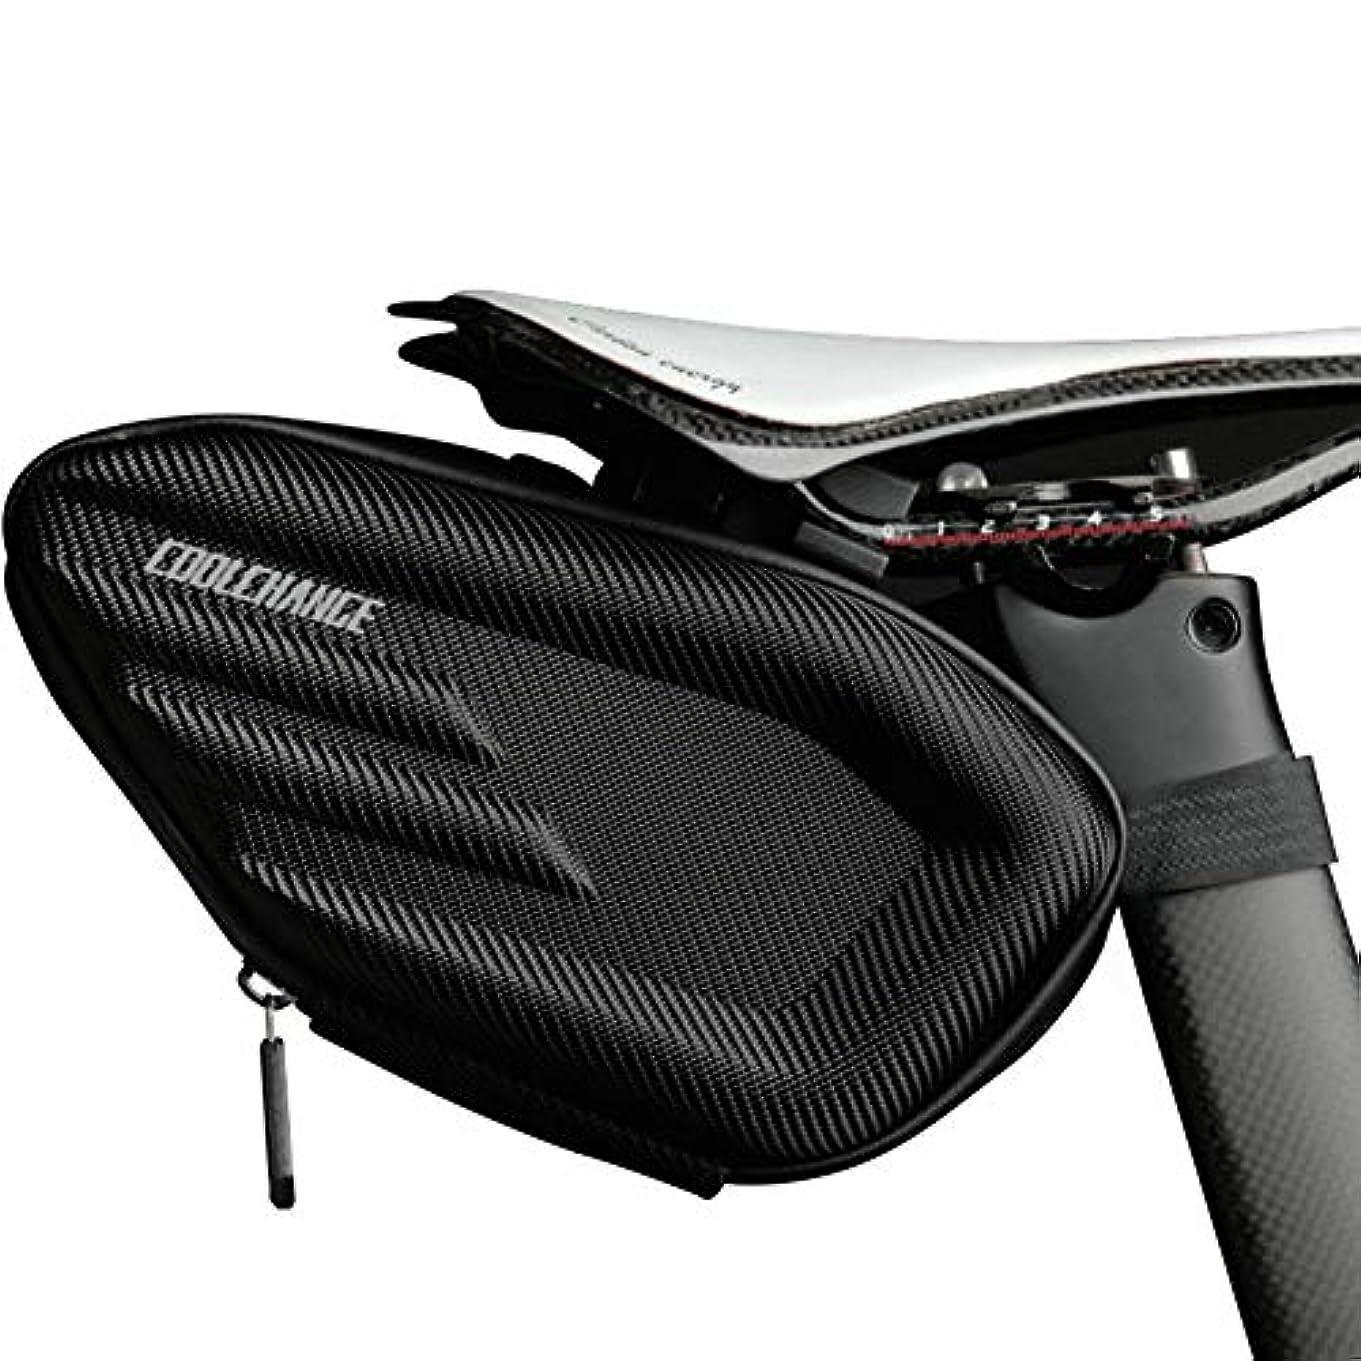 価格葡萄神経障害自転車バッグテールバッグサドルバッグマウンテンバイクロードカーテールバッグリアシートバッグ乗馬機器